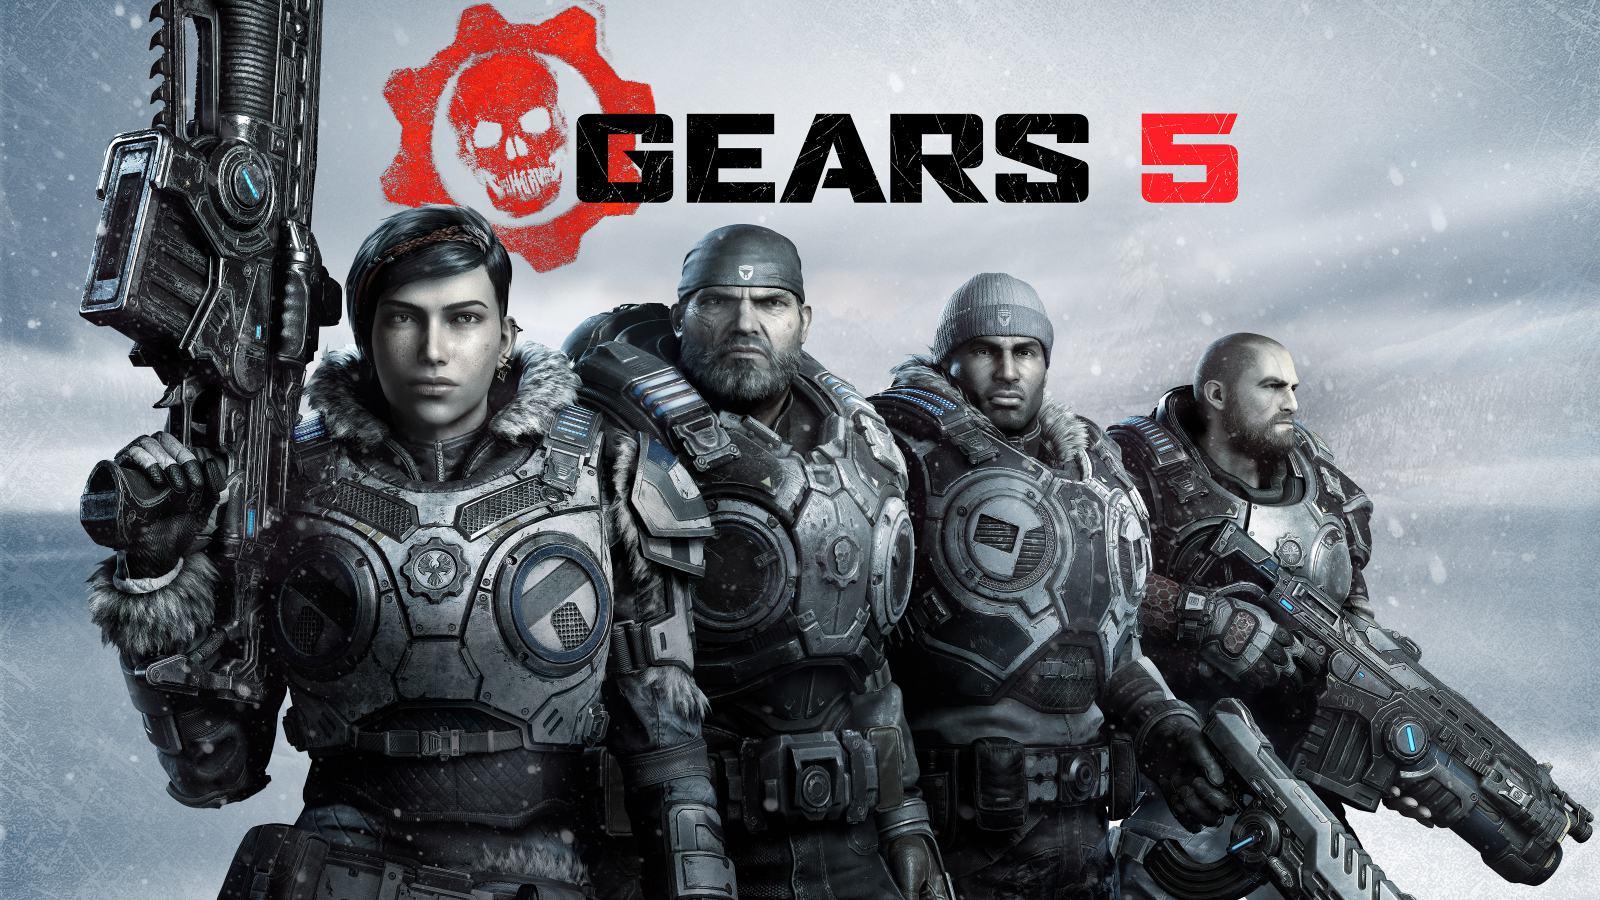 عرضهای موفقیتآمیز؛ ۳ میلیون بازیباز به تجربهی Gears 5 در هفتهی اول انتشار آن پرداختهاند